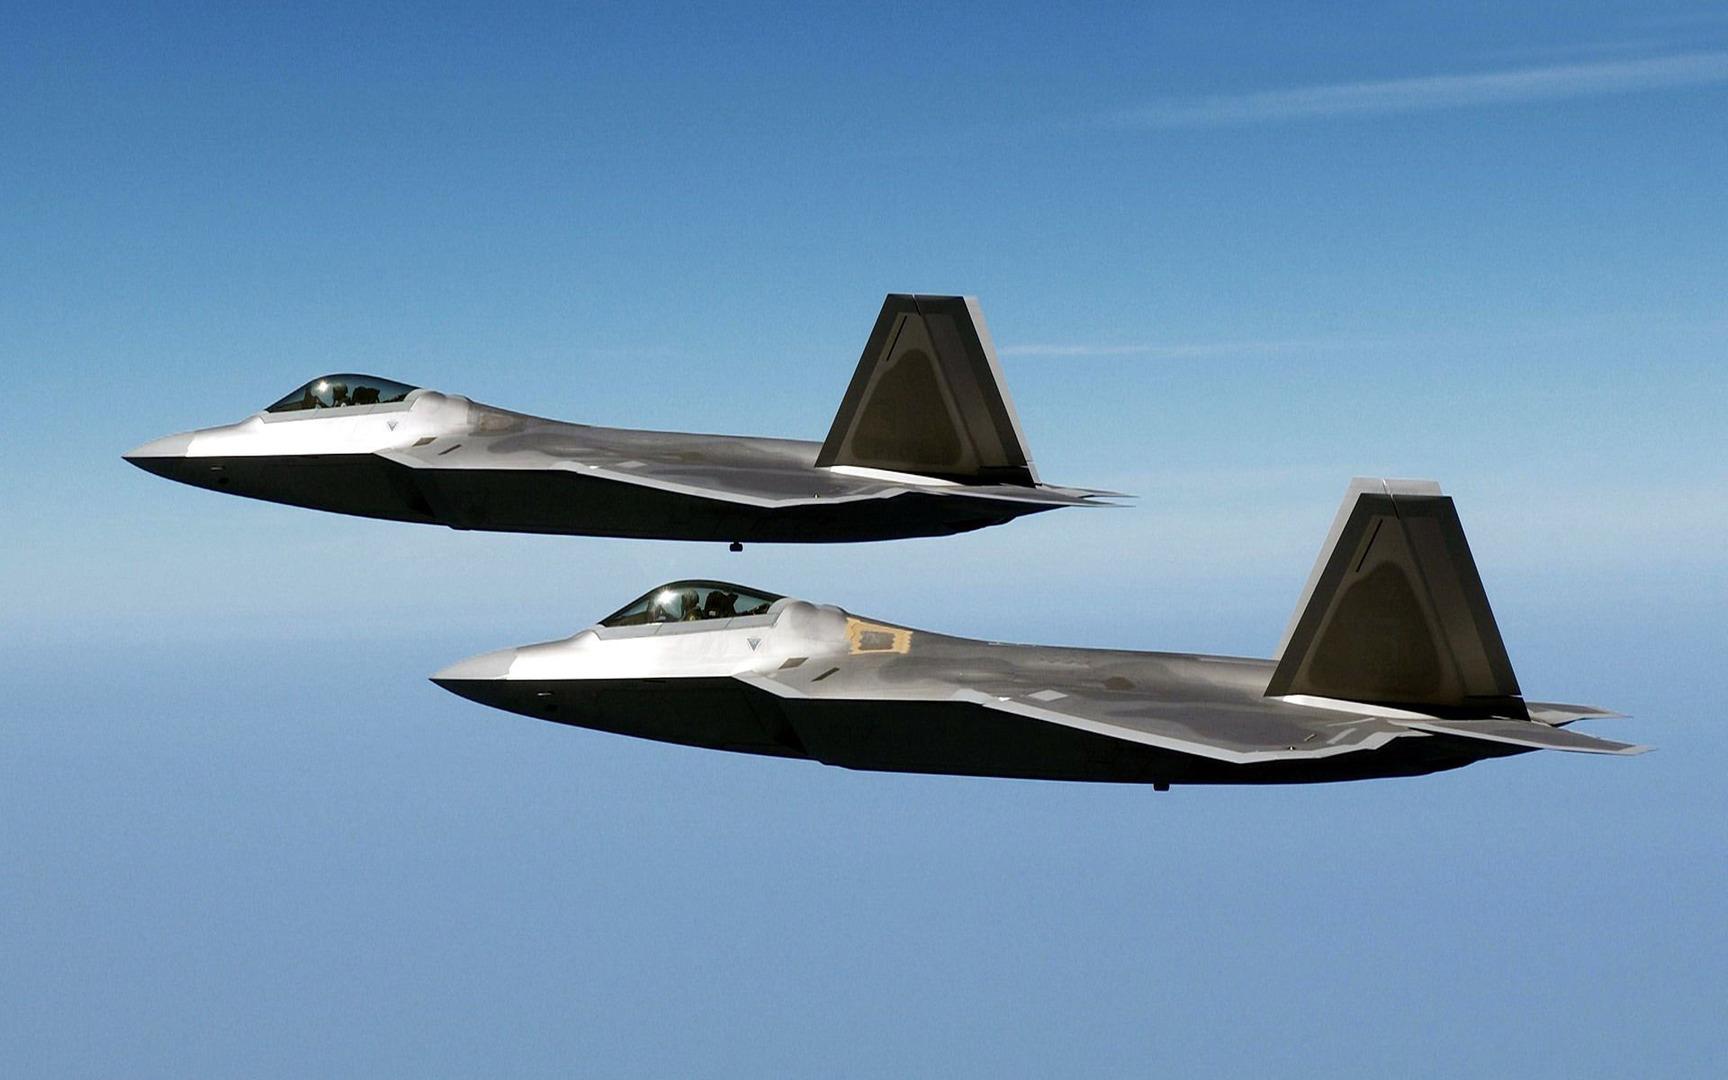 Download Lockheed Martin F 22 Raptor wallpaper 1728x1080